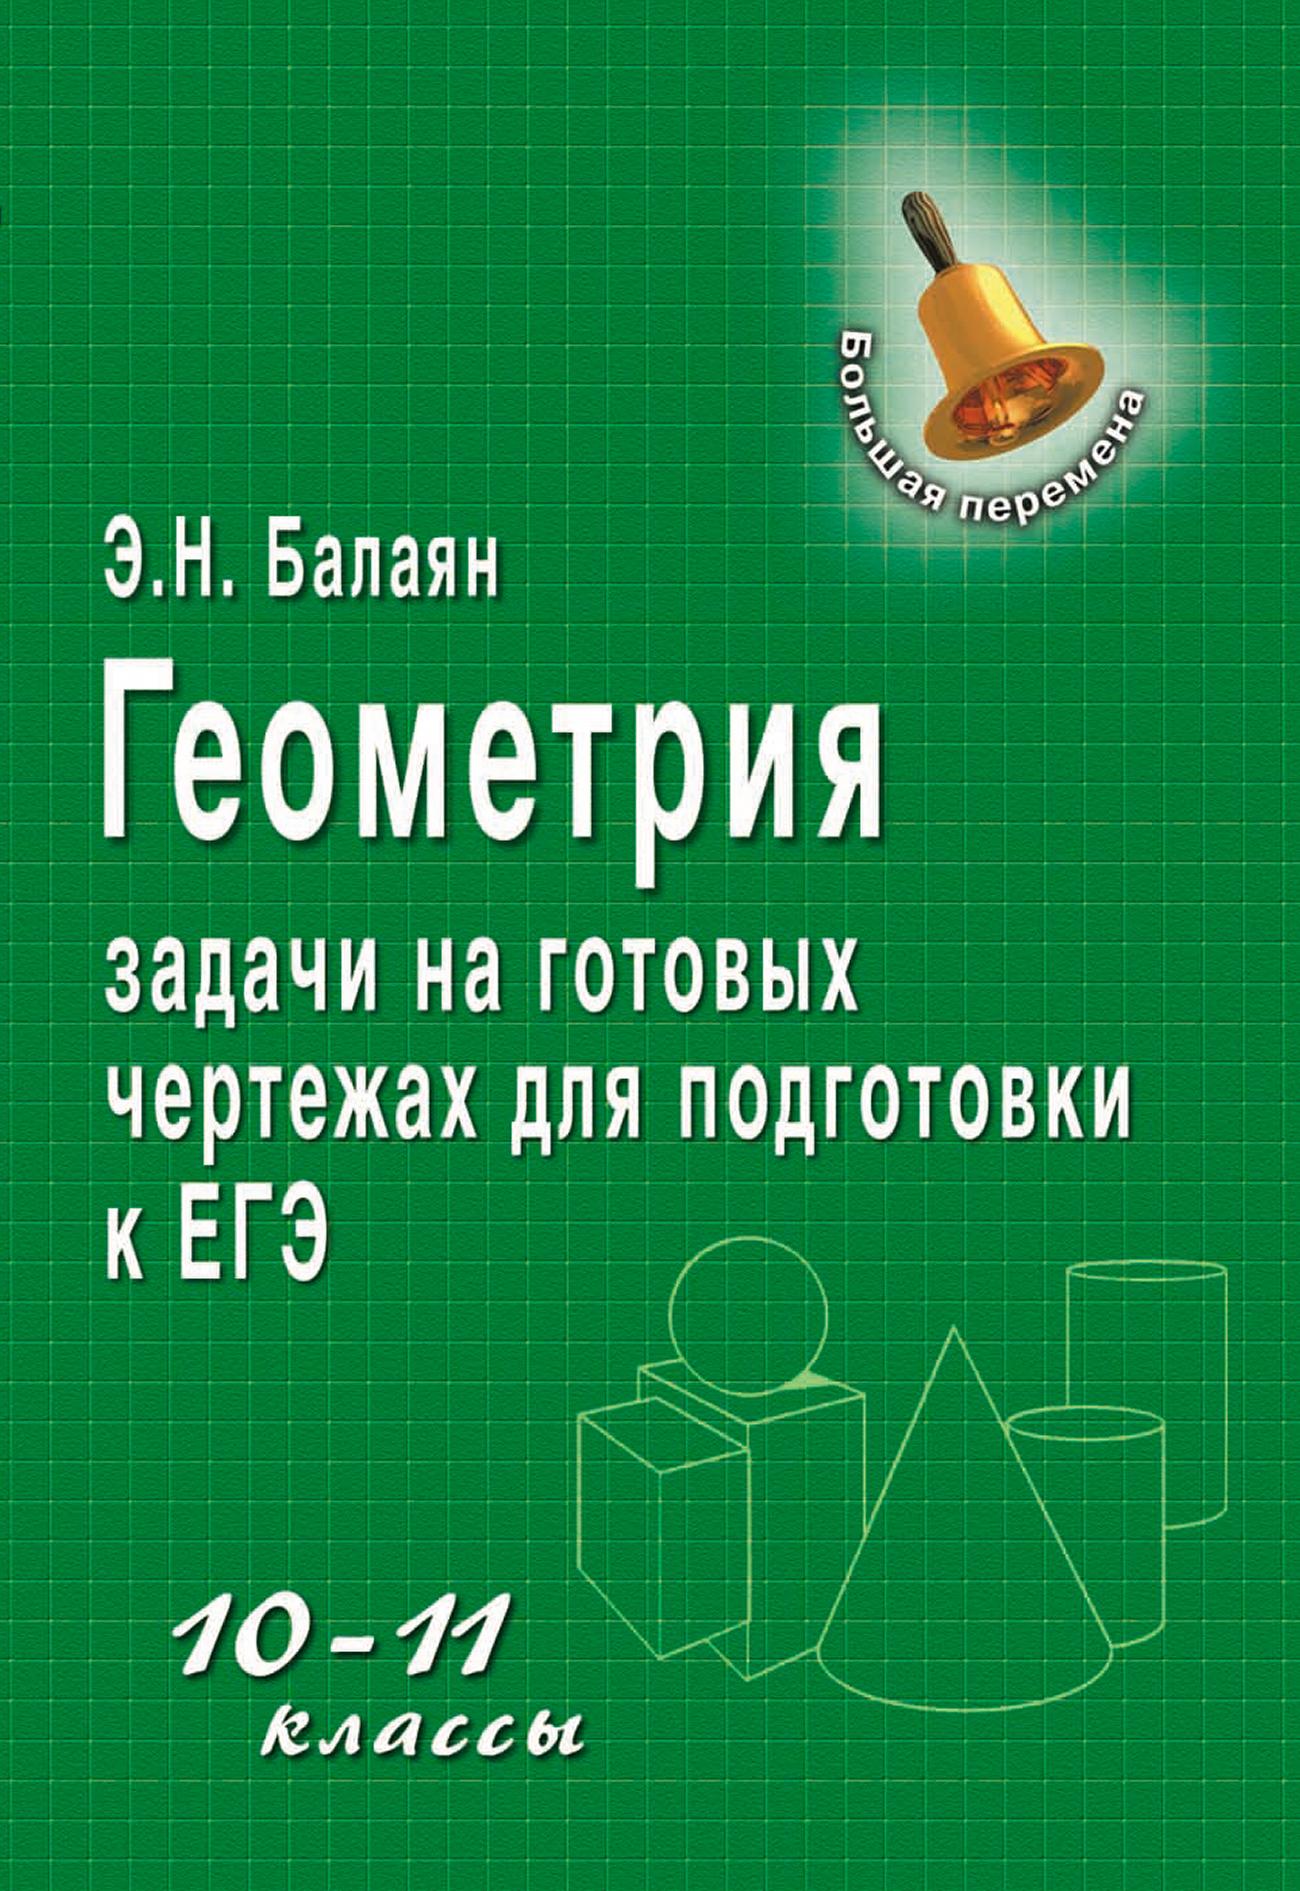 Э. Н. Балаян Геометрия. Задачи на готовых чертежах для подготовки к ЕГЭ. 10–11 классы балаян э геометрия 9 класс решебник к книге э н балаяна геометрия задачи на готовых чертежах для подготовки к огэ и егэ 7 9 классы